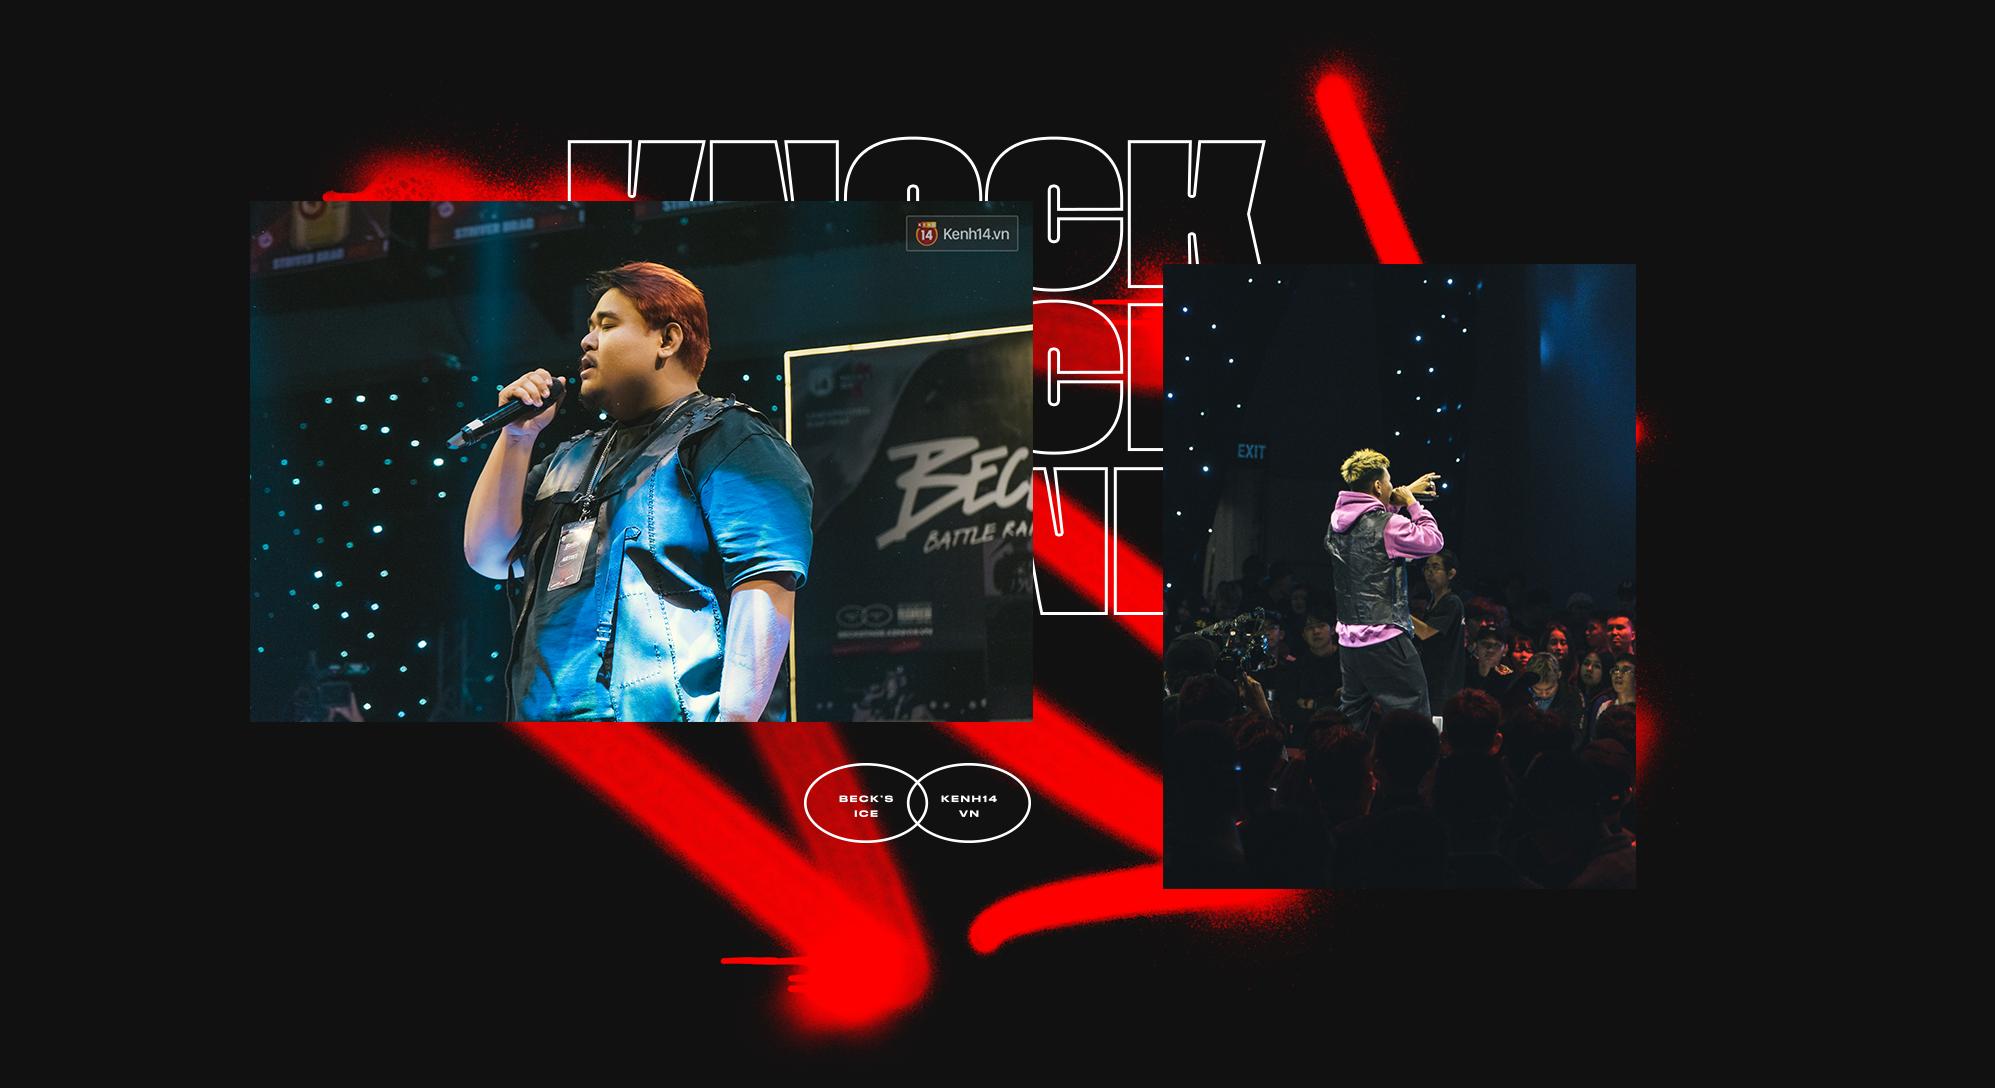 """Beck'Stage Battle Rap: Giải đấu khủng nhất của rap Việt Nam và lời khẳng định """"We are Striver"""" - Ảnh 1."""